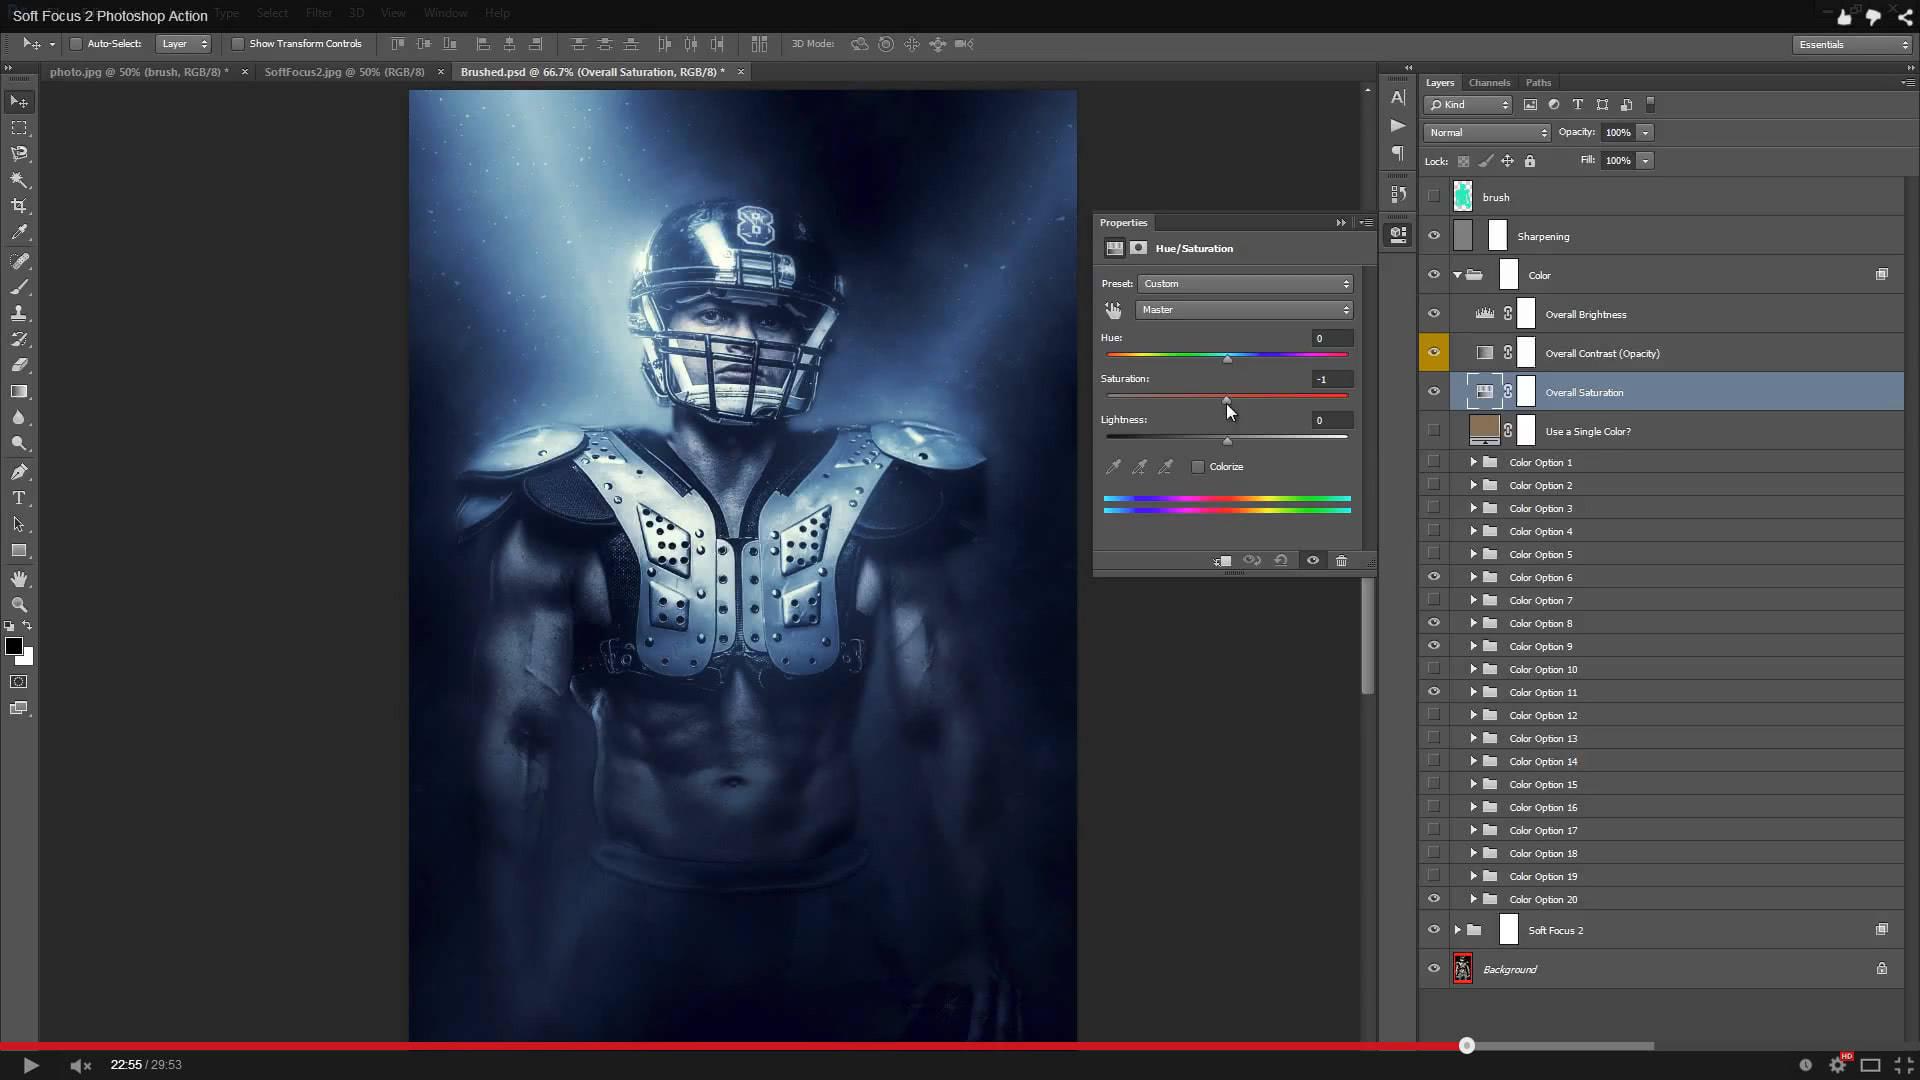 Soft Focus 2 Photoshop Action - 1